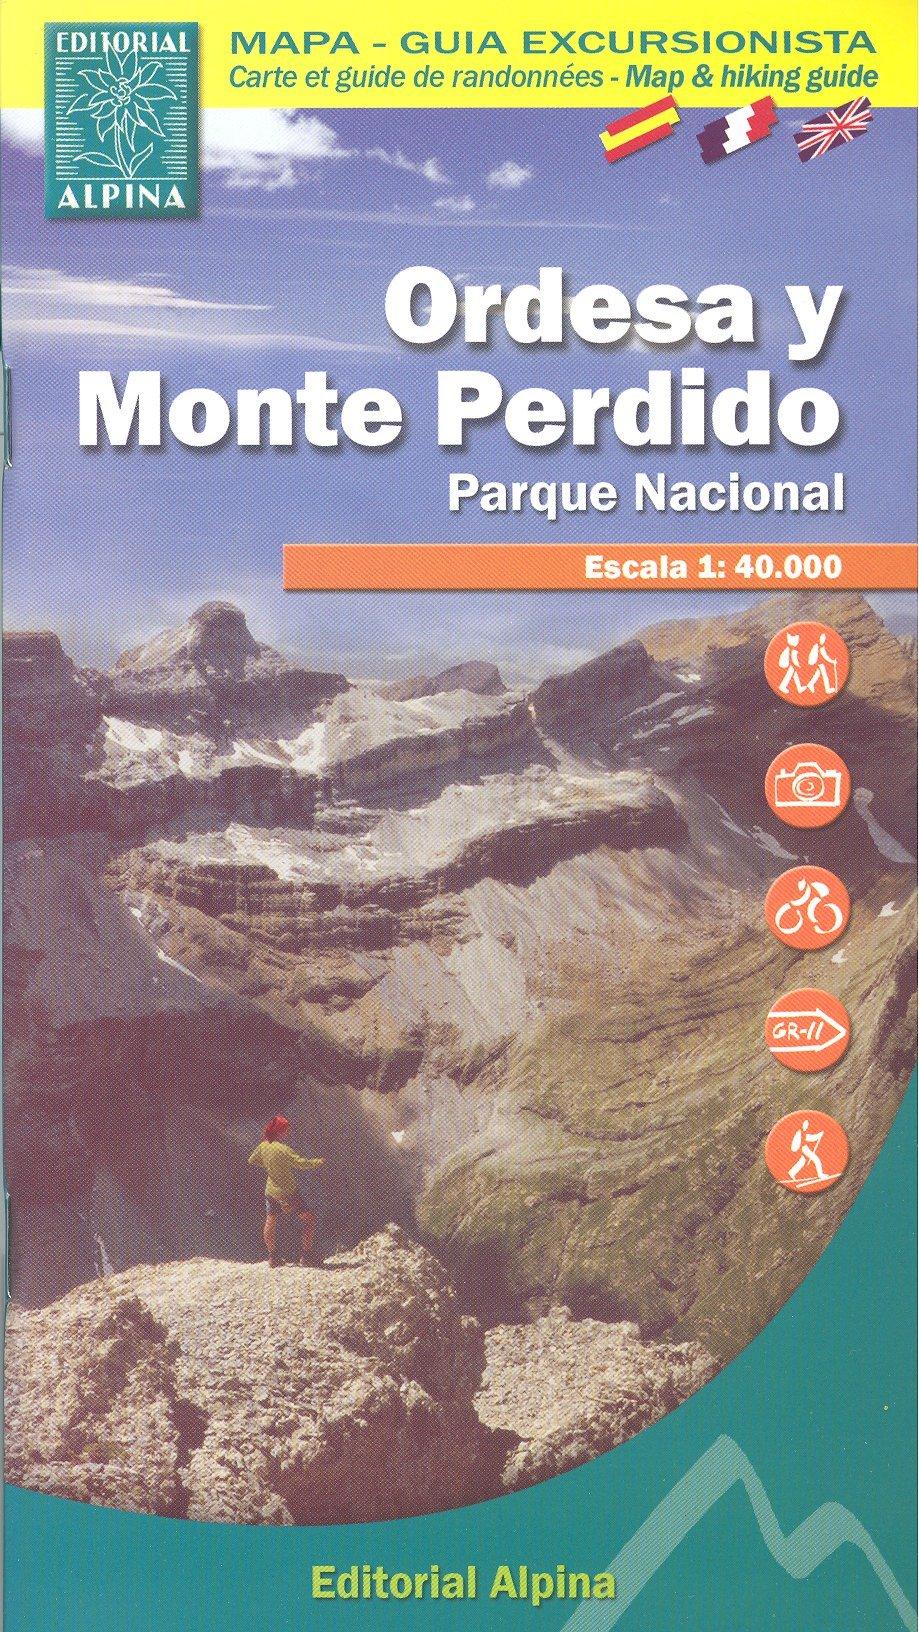 Ordesa y Monte Perdido Parque Nacional España, Pirineos 1:40.000 topográfico senderismo mapa de ALPINA: Amazon.es: AlpinaEdit.: Libros